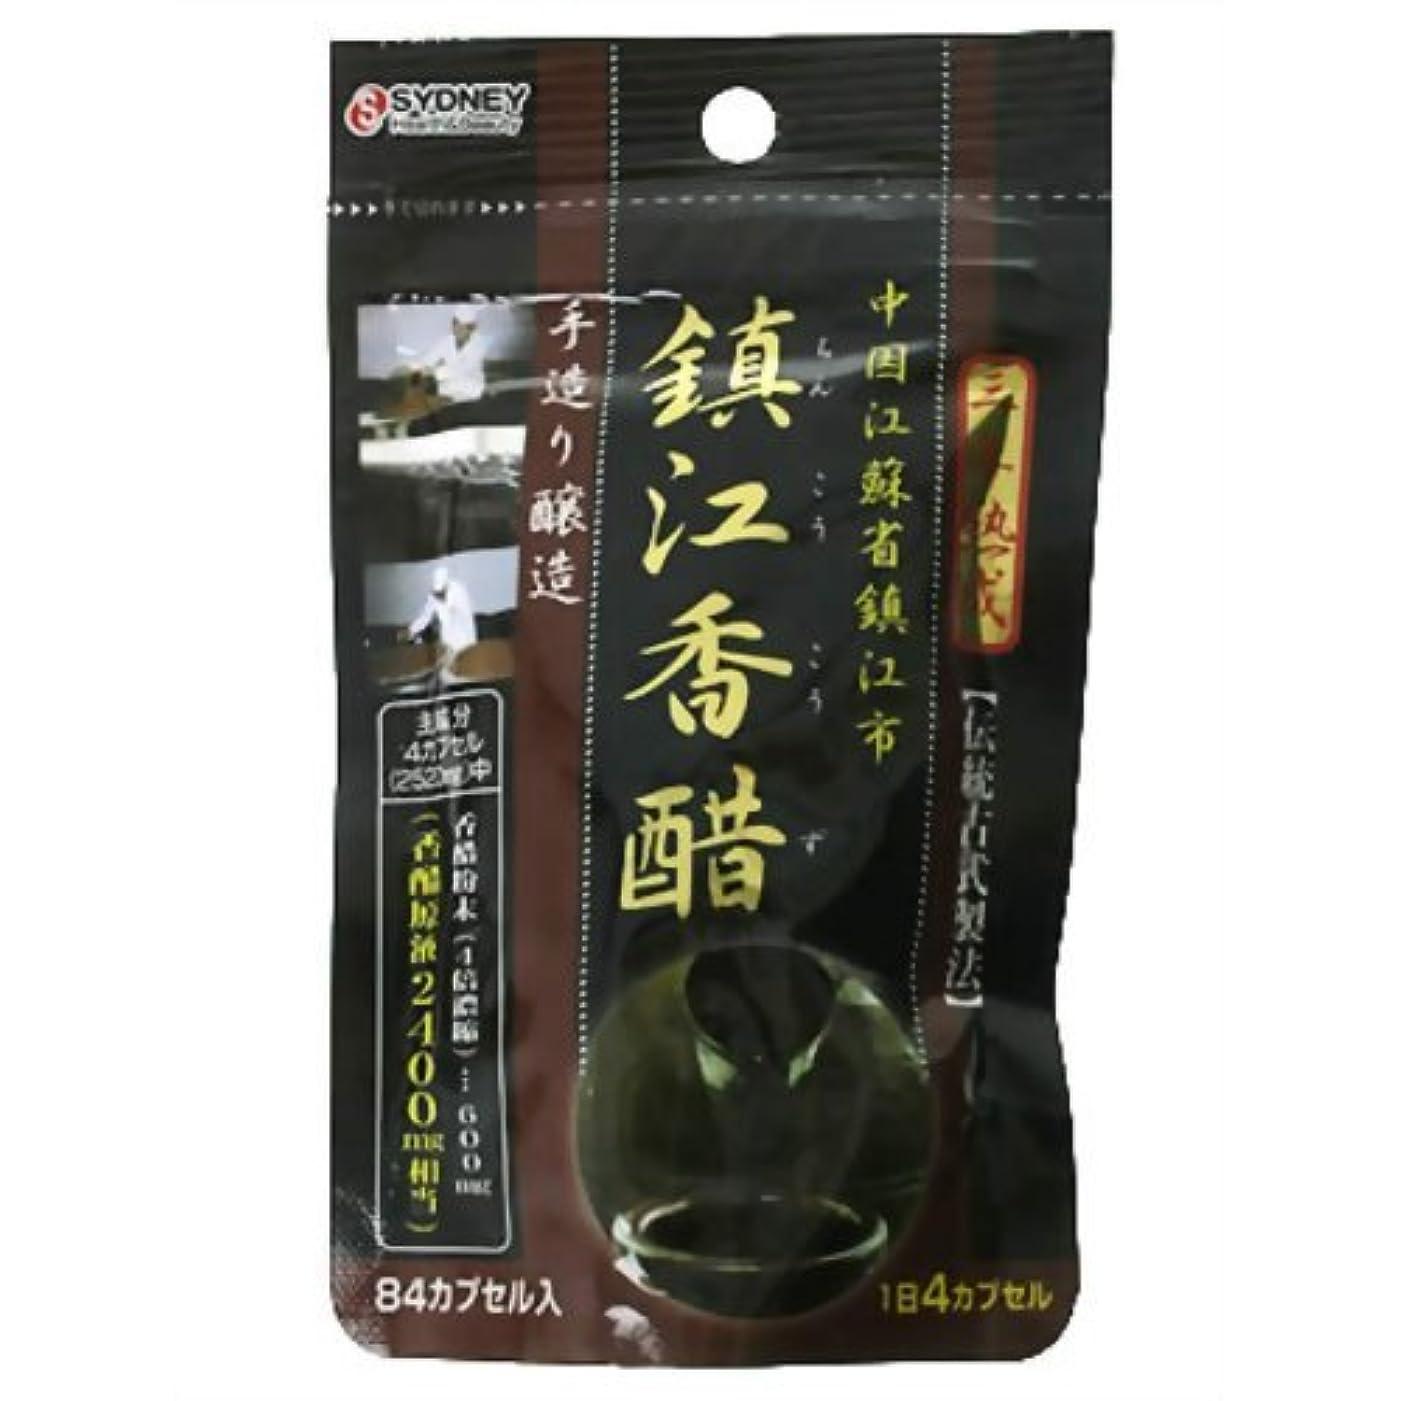 調停者地域の薬局鎮江香酢(三年熟成?伝統古式製法) 84カプセル